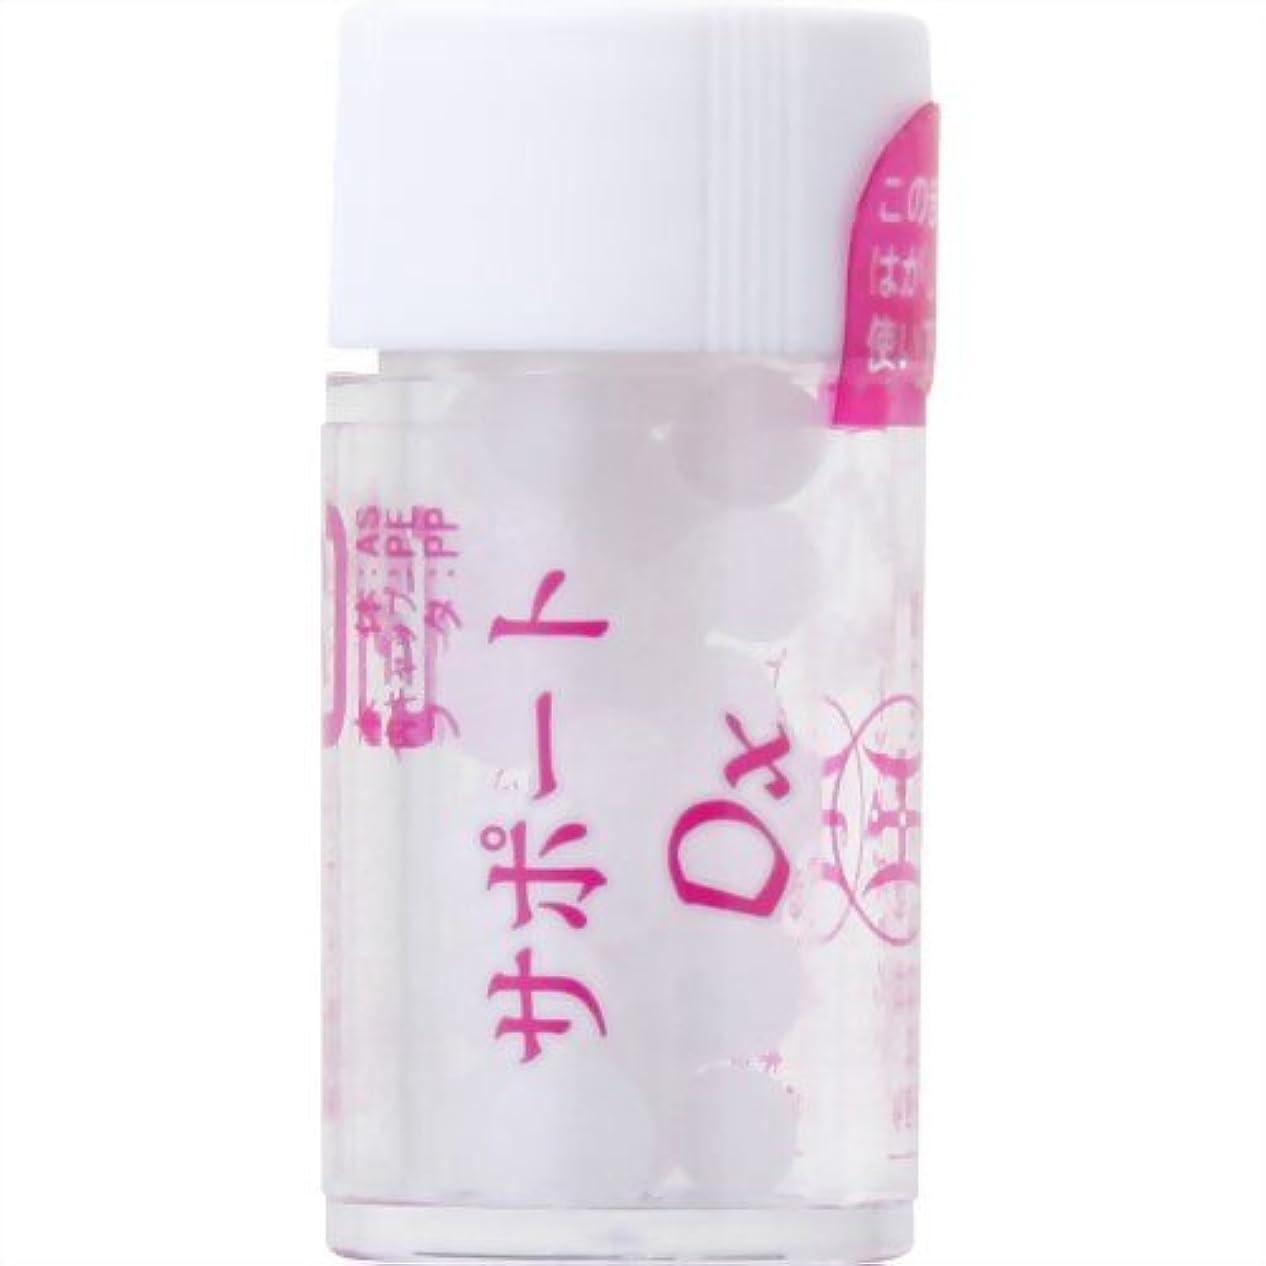 放つ少数冷蔵するホメオパシージャパンレメディー サポートDx(小ビン)